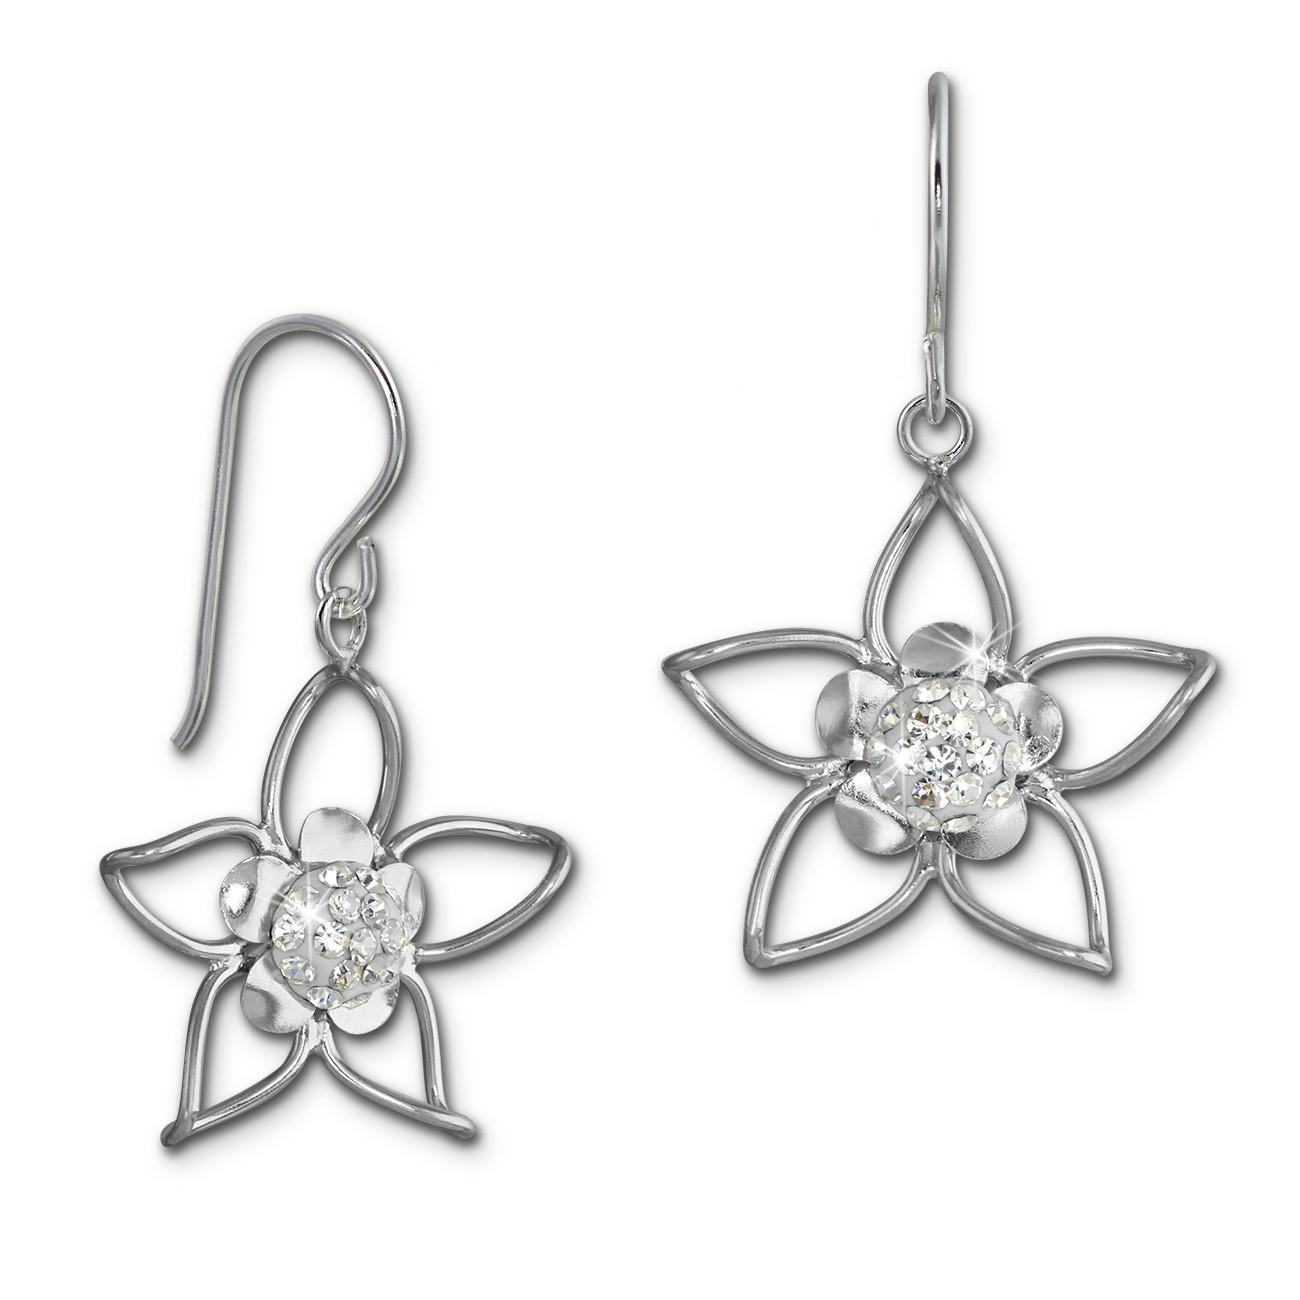 SilberDream Ohrhänger Blume Zirkonia weiß 925er Silber Damen SDO461W